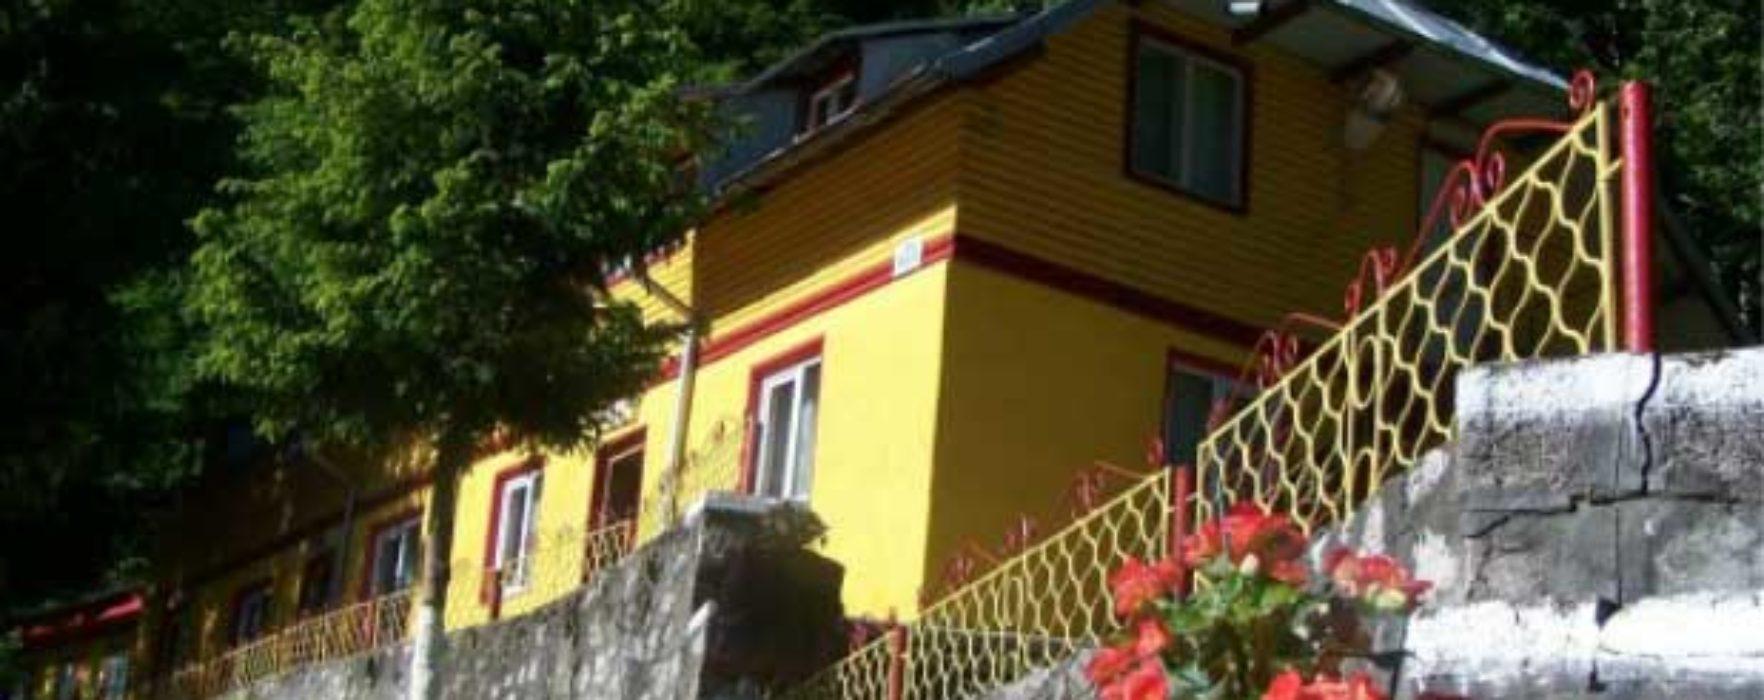 Dâmboviţa: Consiliul judeţean vrea să concesioneze Tabăra Cerbul din comuna Moroieni